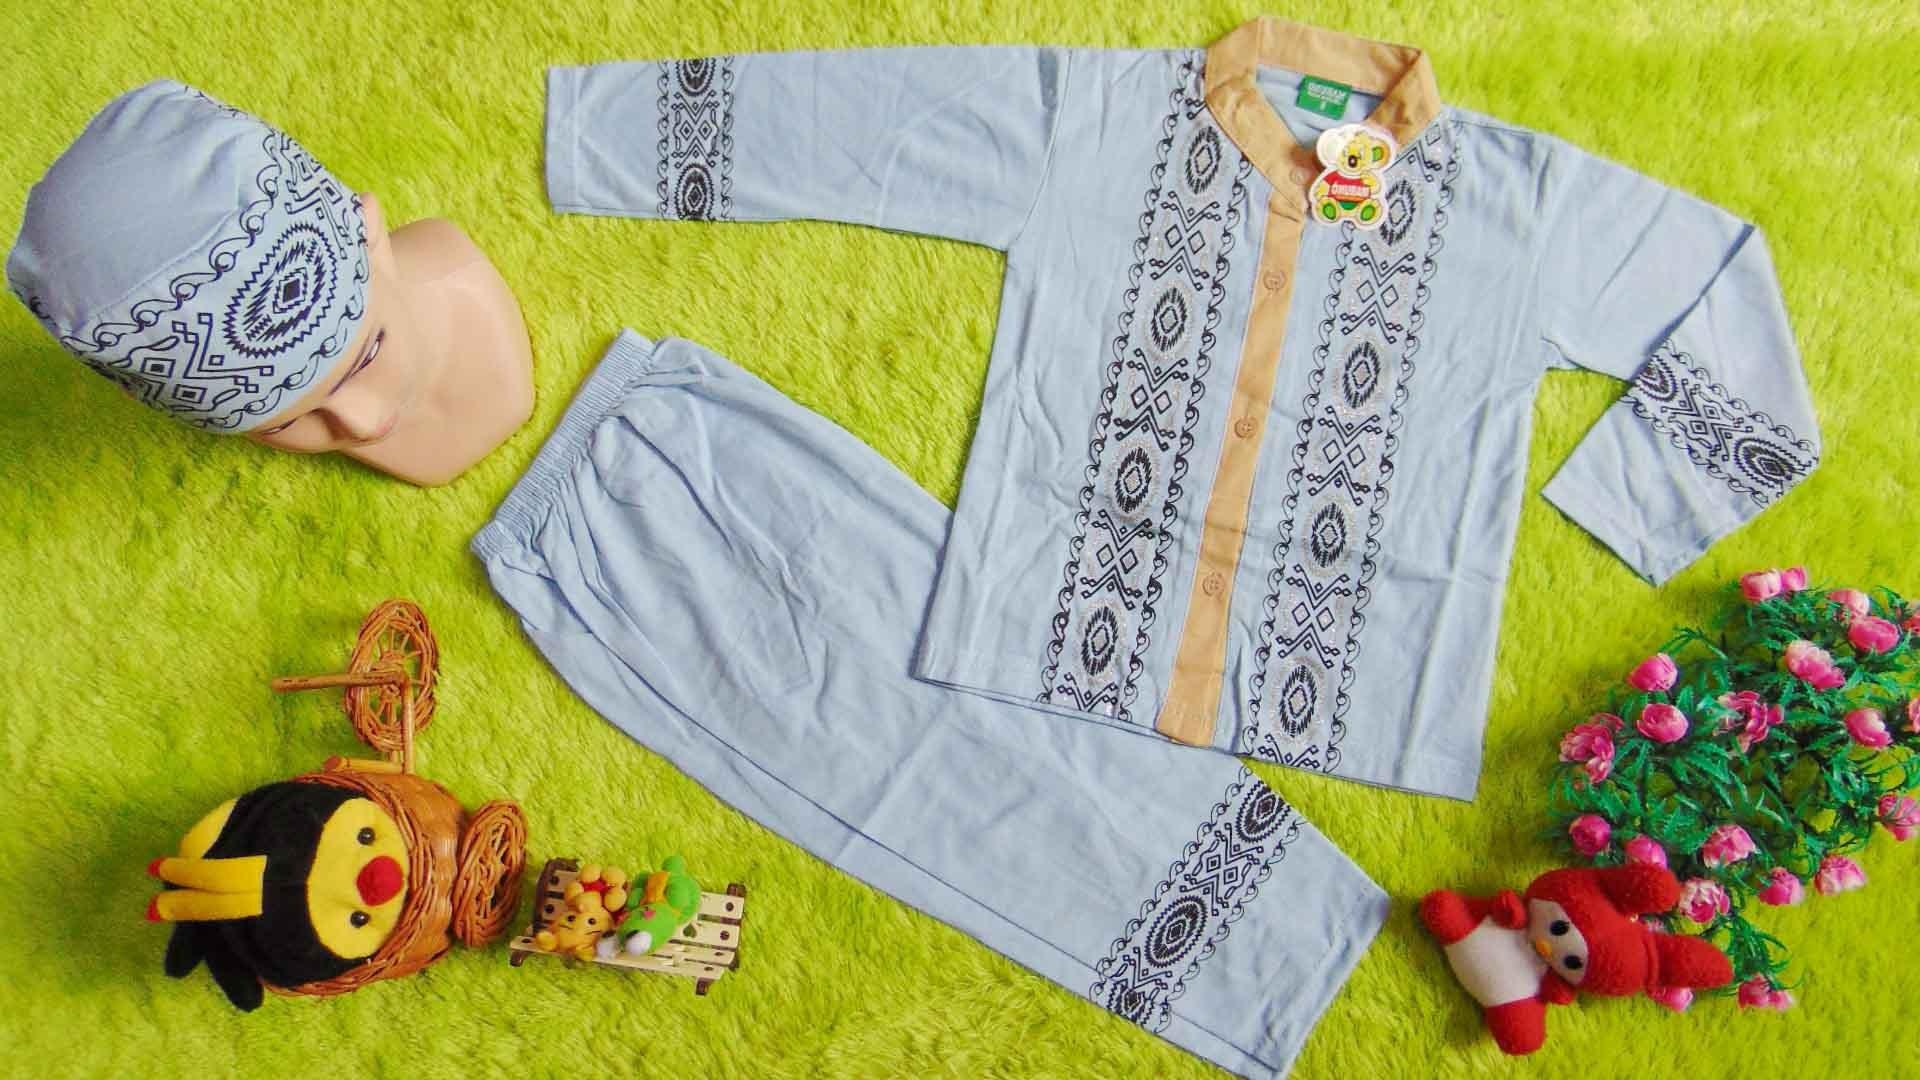 Model Baju Lebaran Anak Laki Laki Rldj Paling Laris Setelan Baju Koko Muslim Lebaran Ramadhan